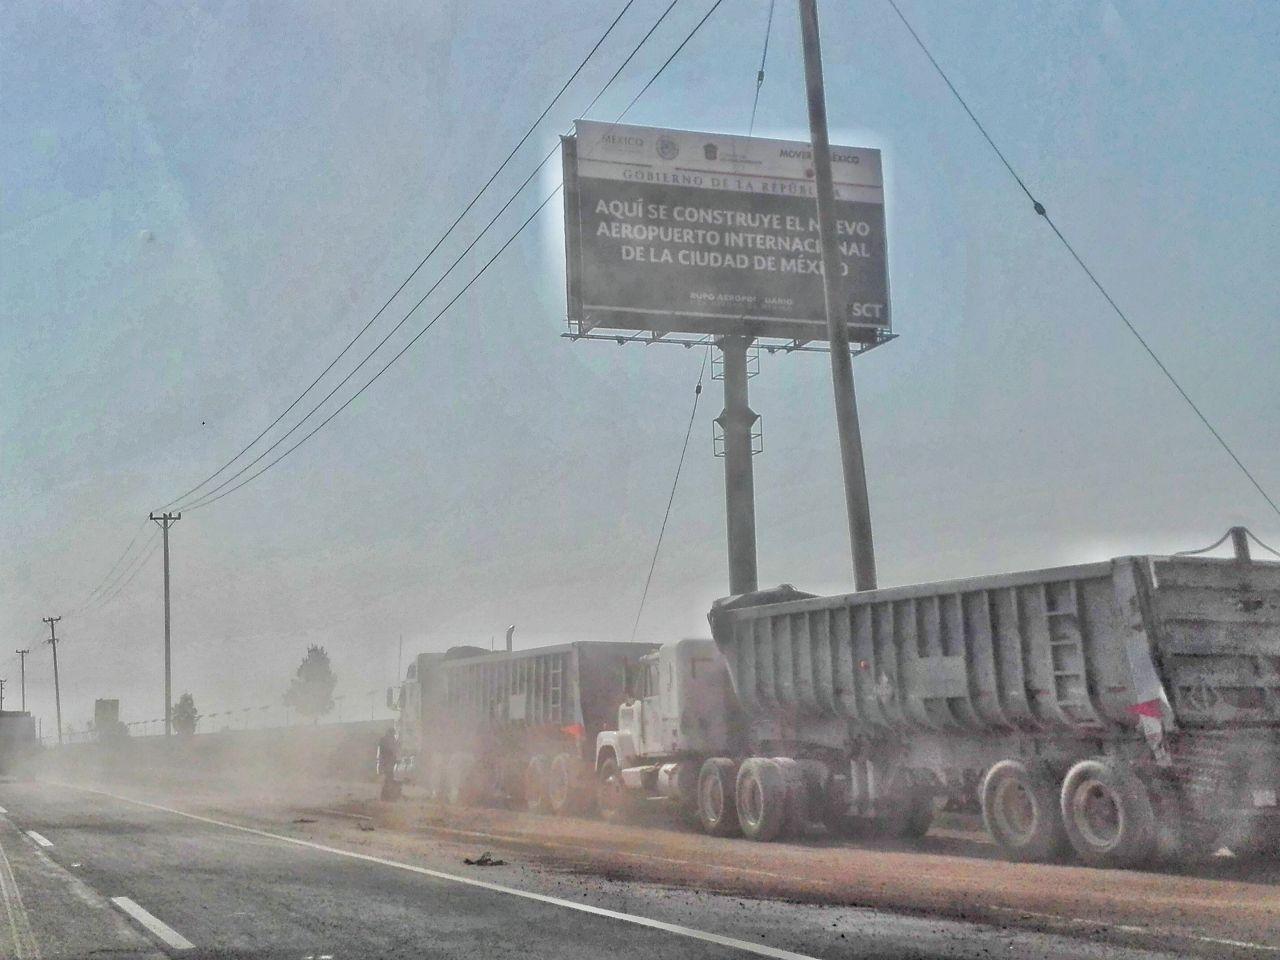 Senado pide blindar con muro aeropuerto en Texcoco